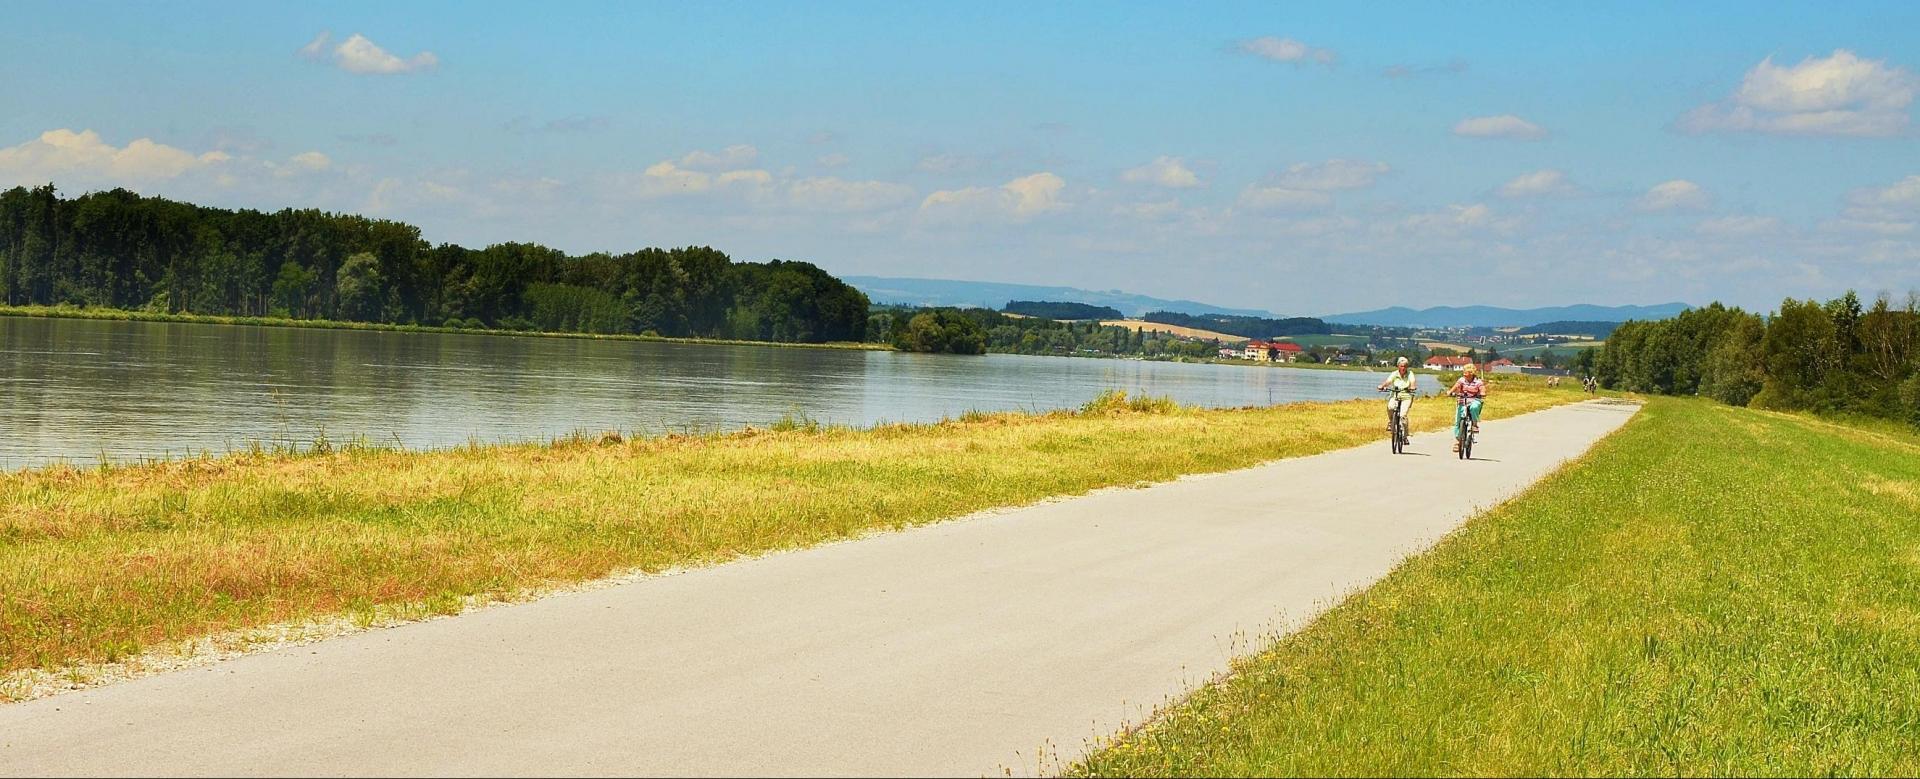 Voyage à vélo Autriche : Le long du danube à vélo en famille